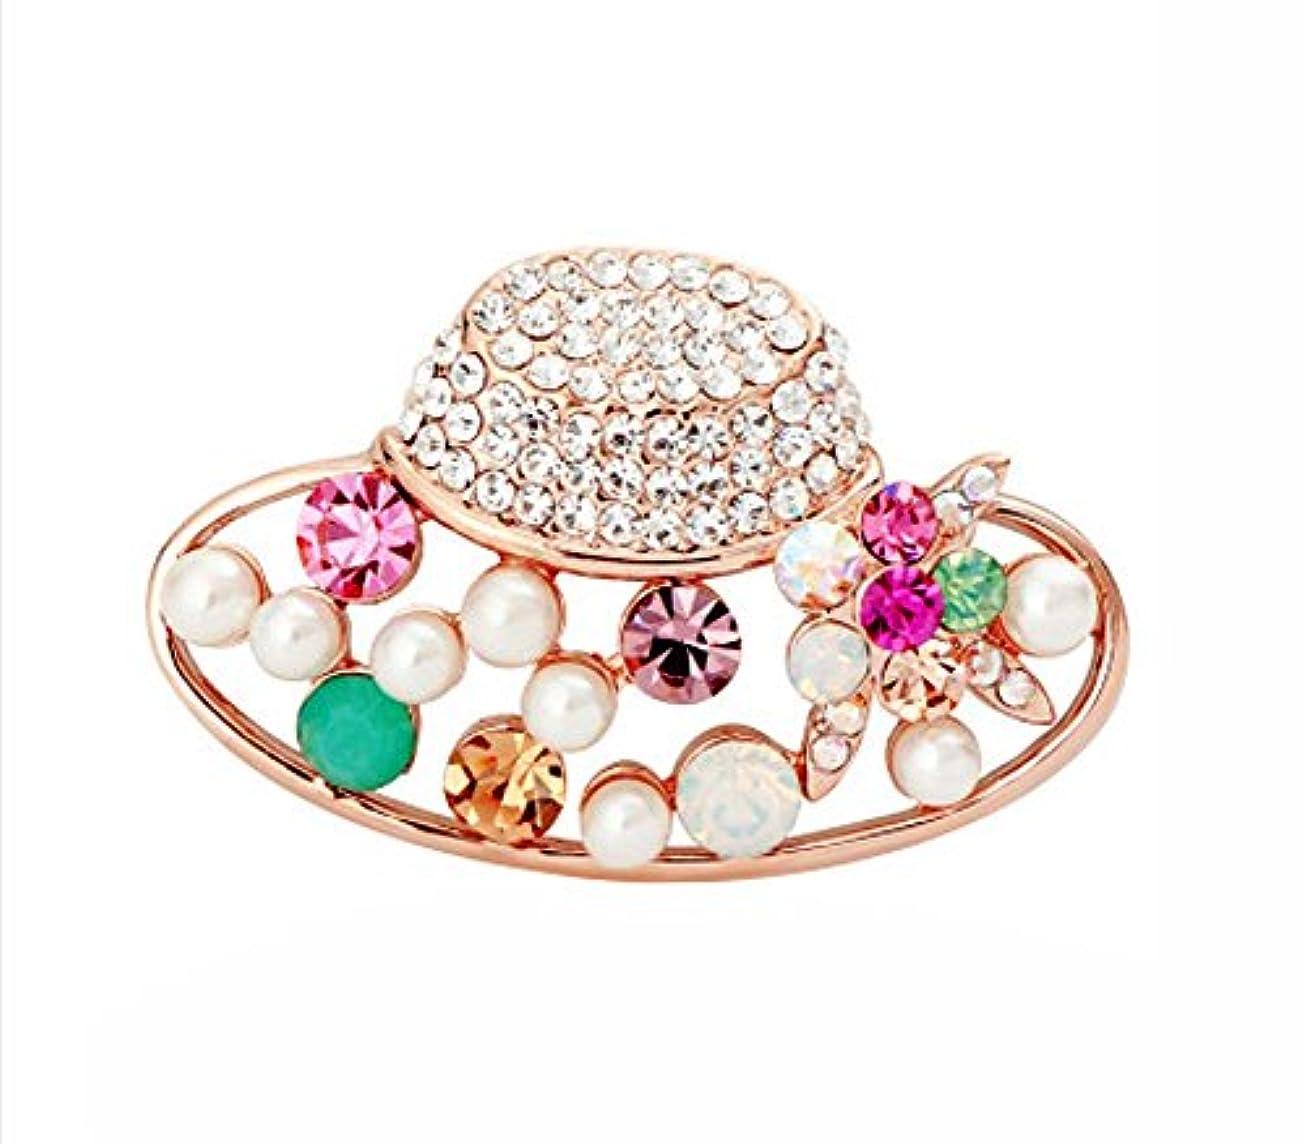 小康ドルエレメンタルブローチコサージュピン/バッジシャツ女性用アクセサリー、帽子